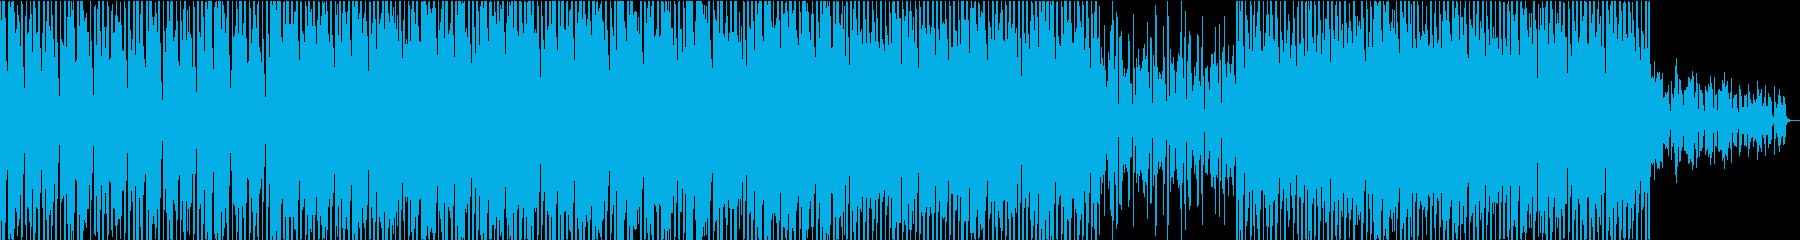 ポップなテックハウスの再生済みの波形